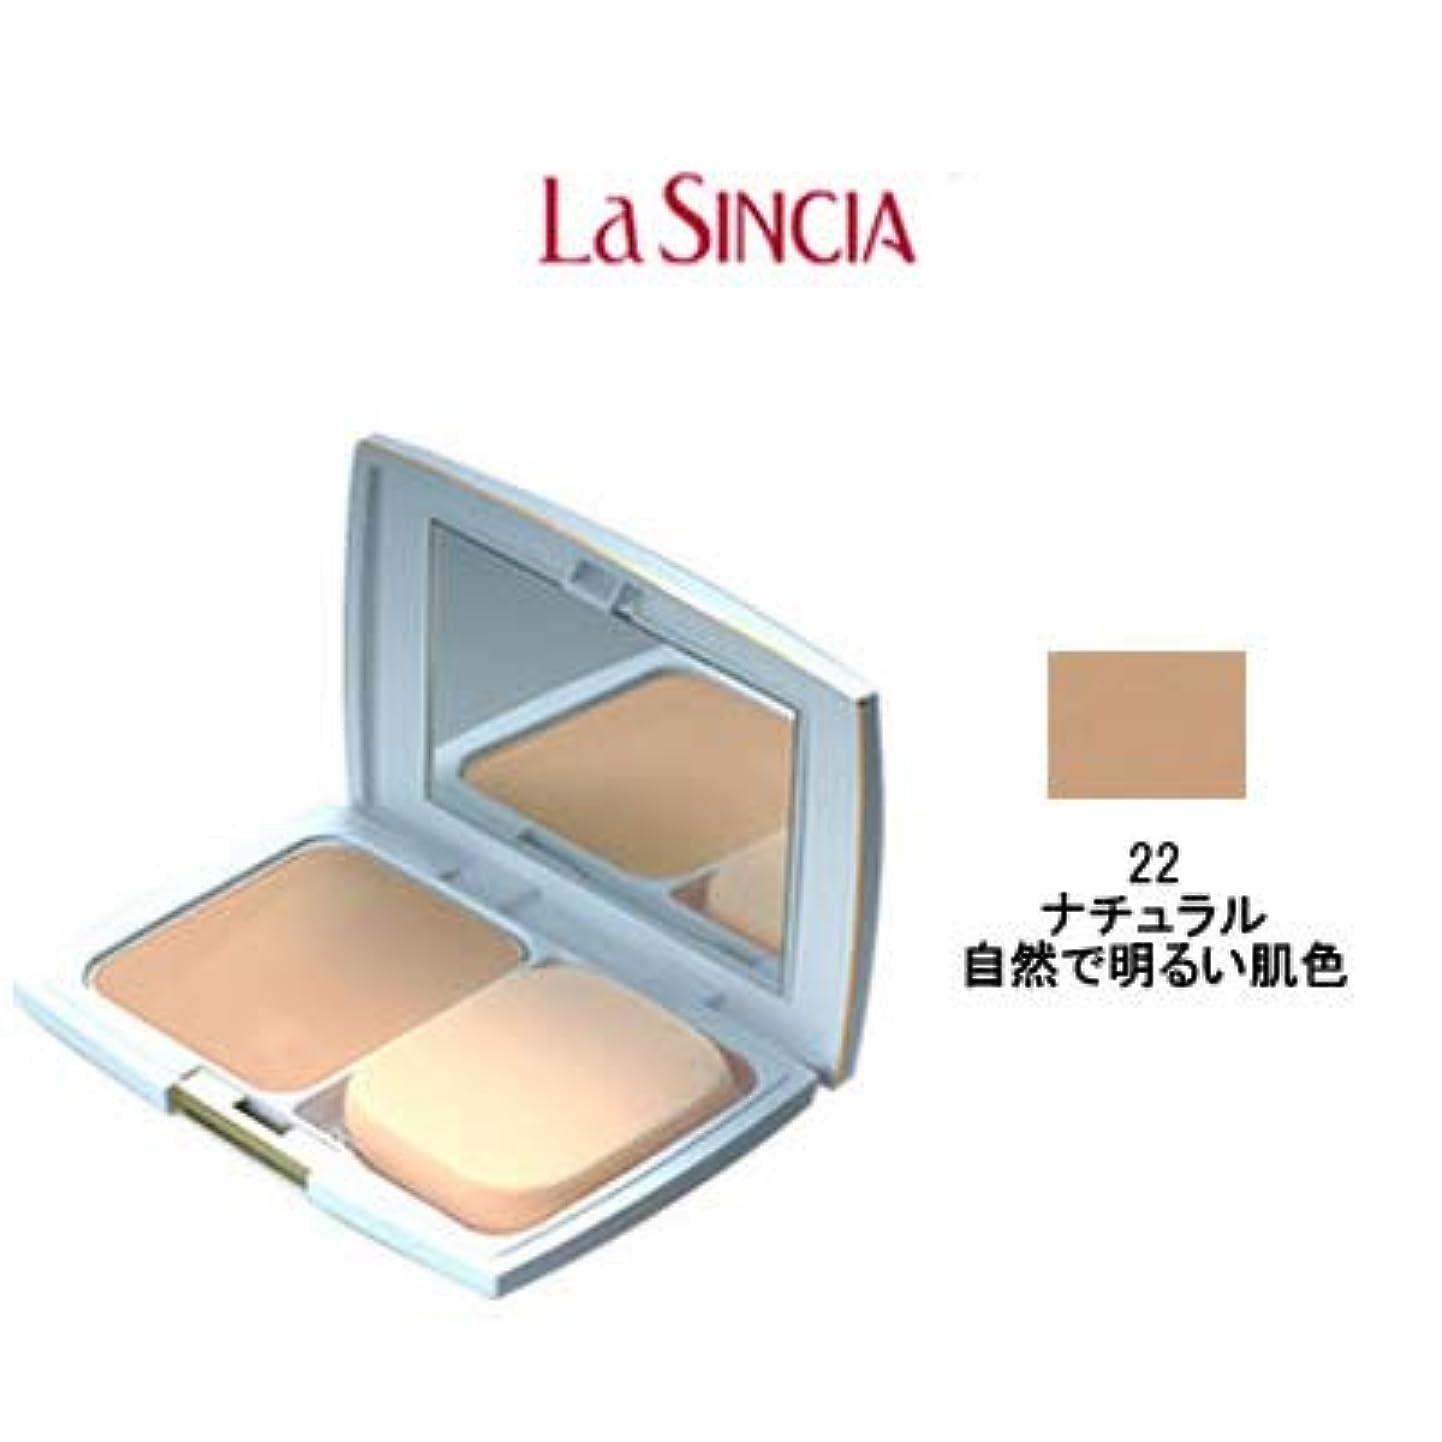 宿題有害洗練ラシンシア パウダリーパクトUV レフィル 22 ナチュラル 自然で明るい肌色